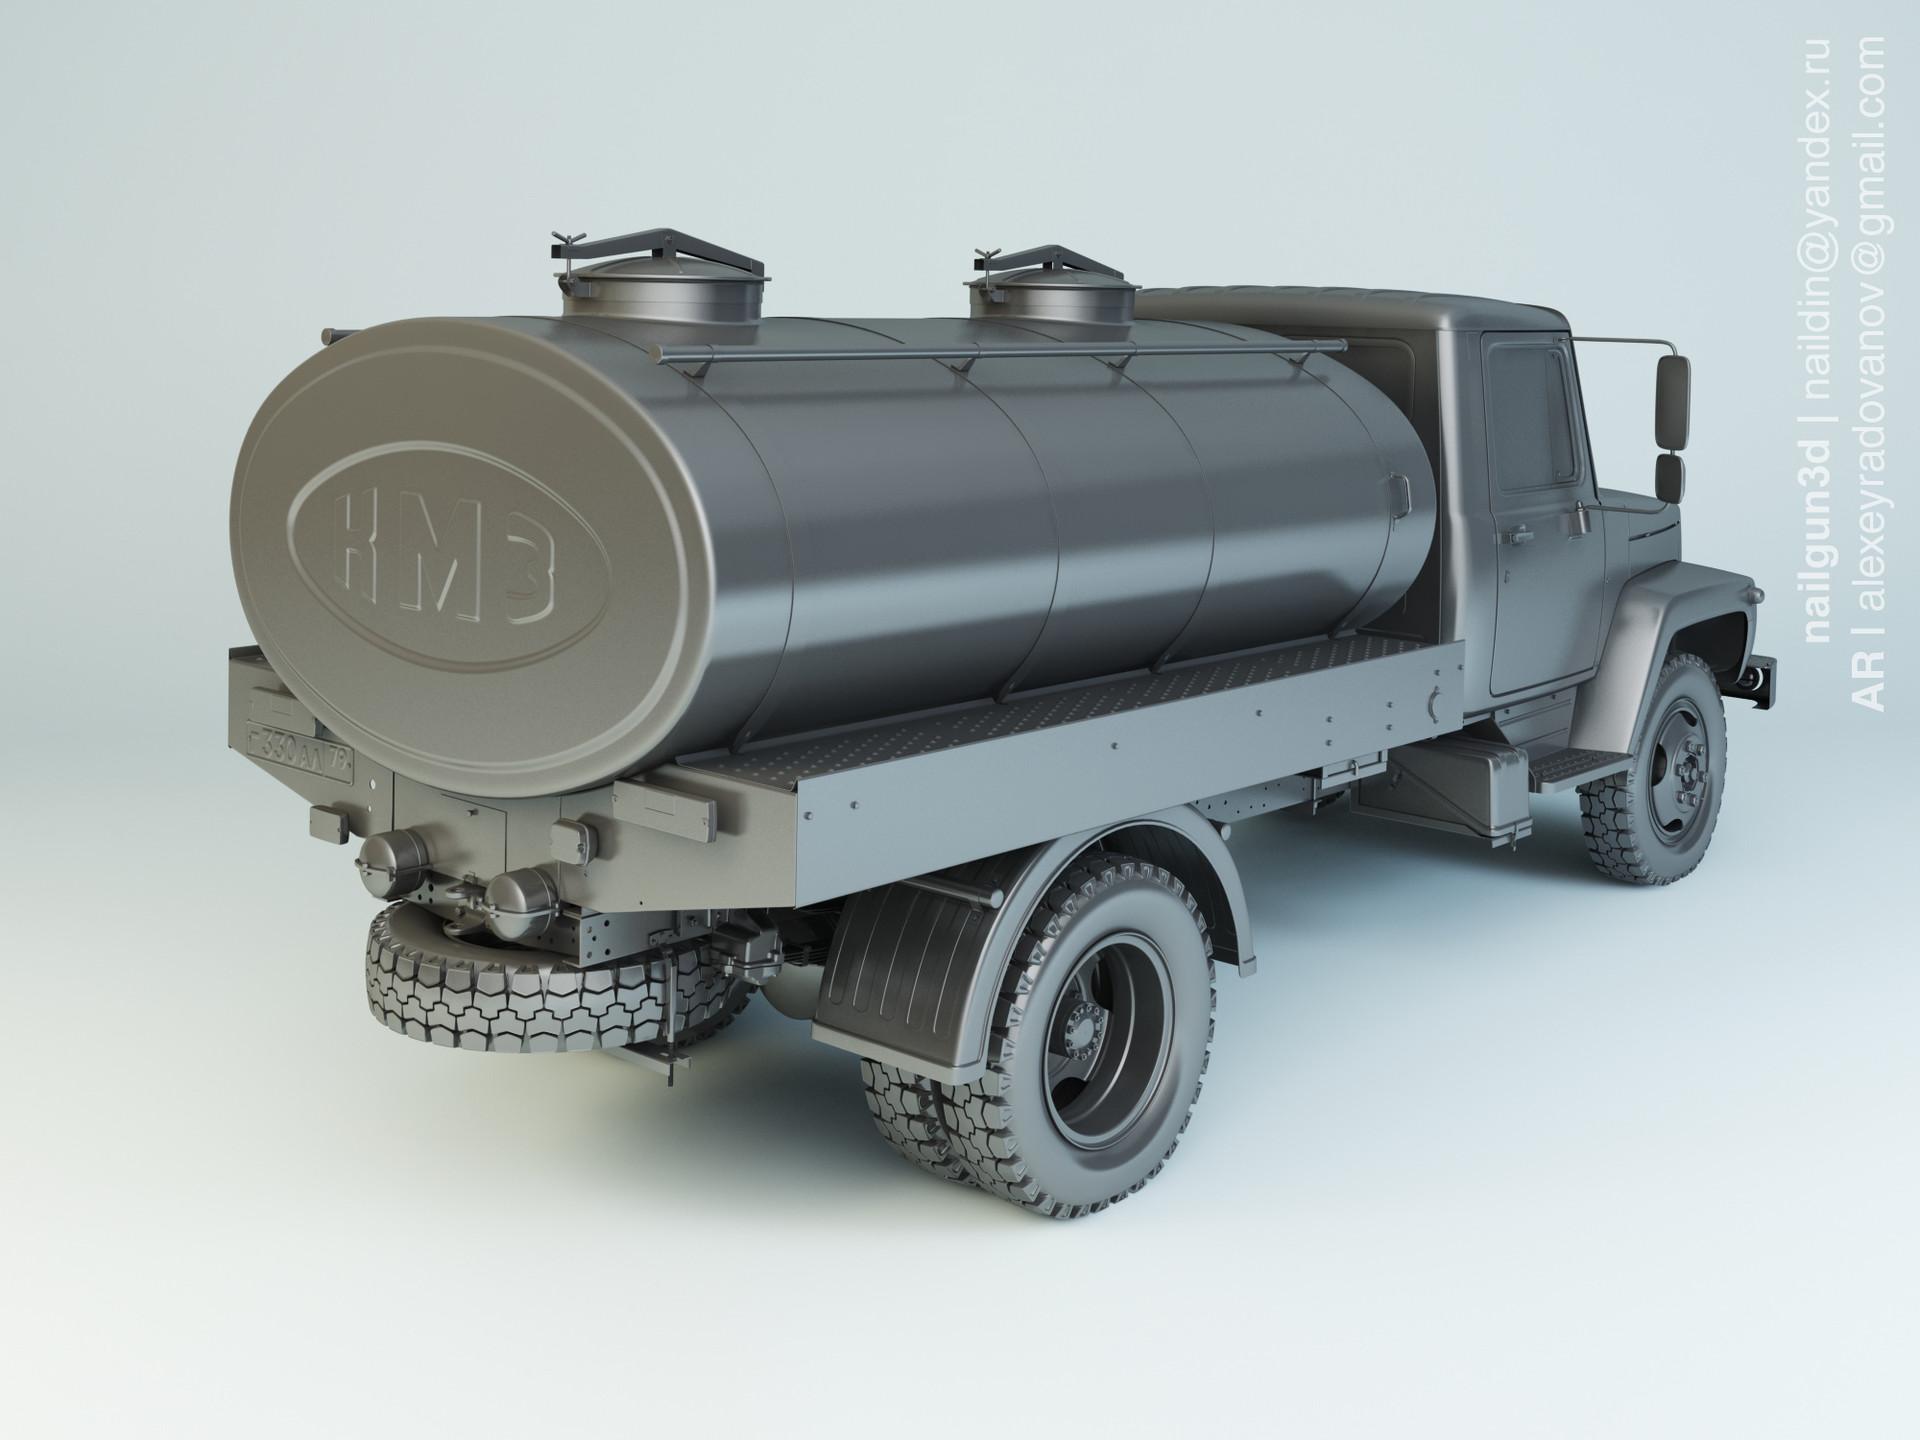 Nail khusnutdinov alg 013 002 gaz 3307 milk modelling 1